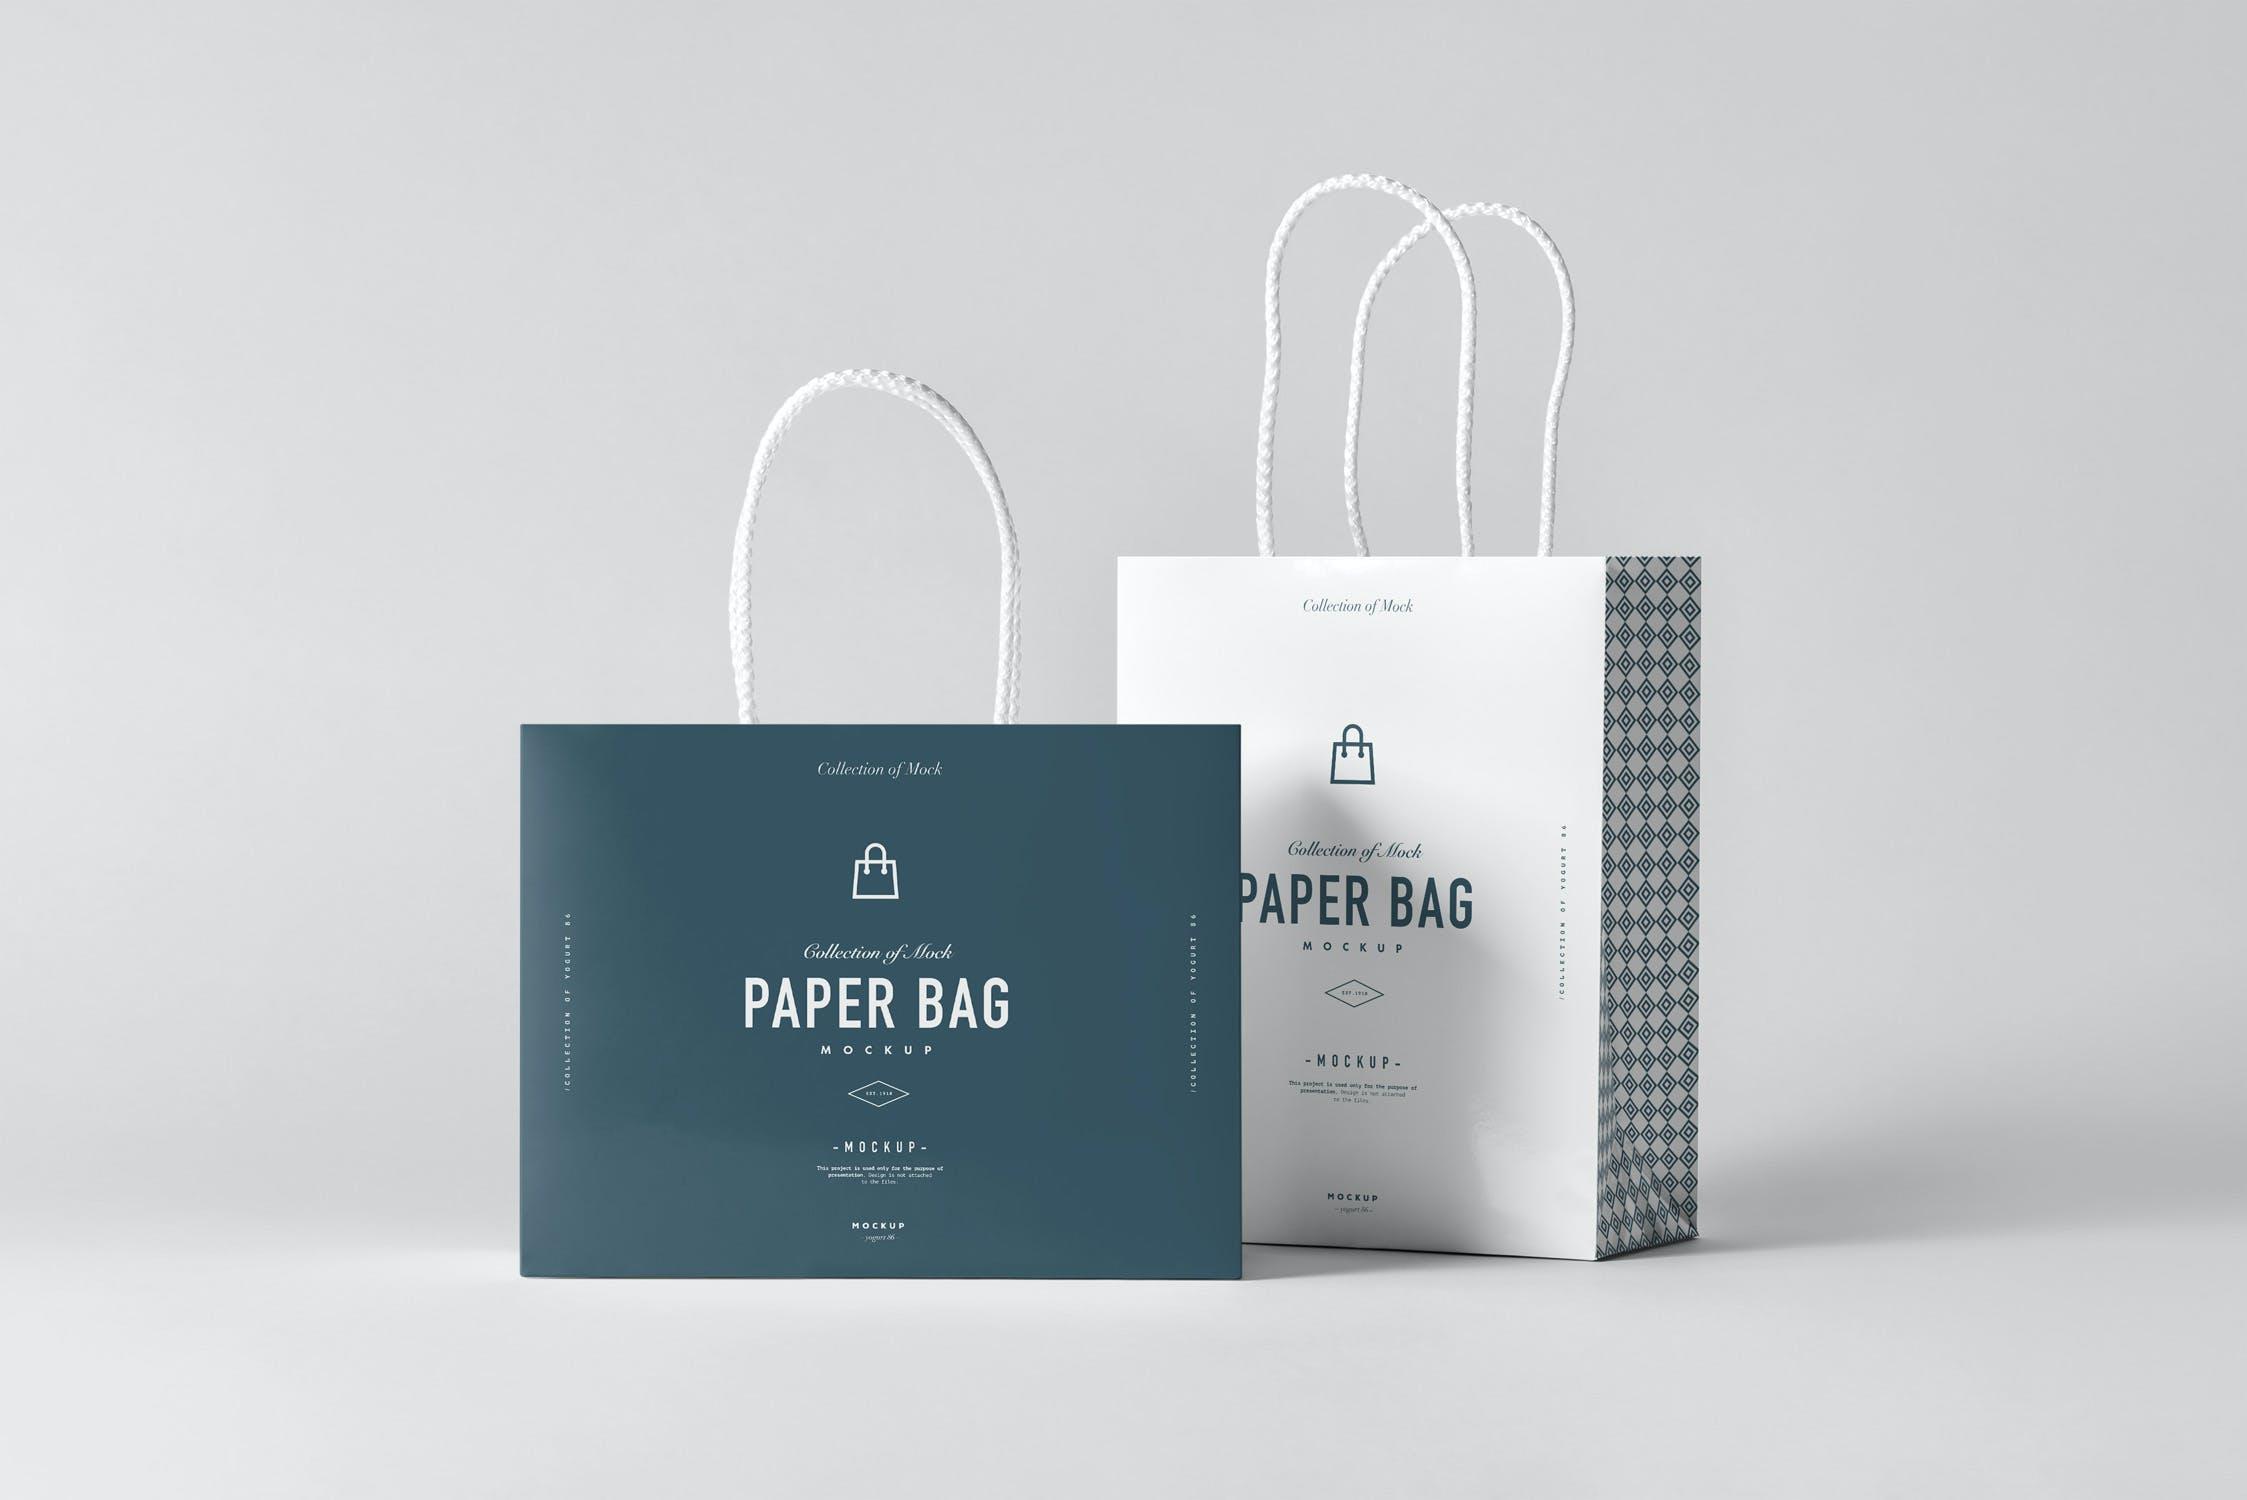 11款购物手提纸袋设计展示样机模板 Paper Bag Mockup 2插图(10)